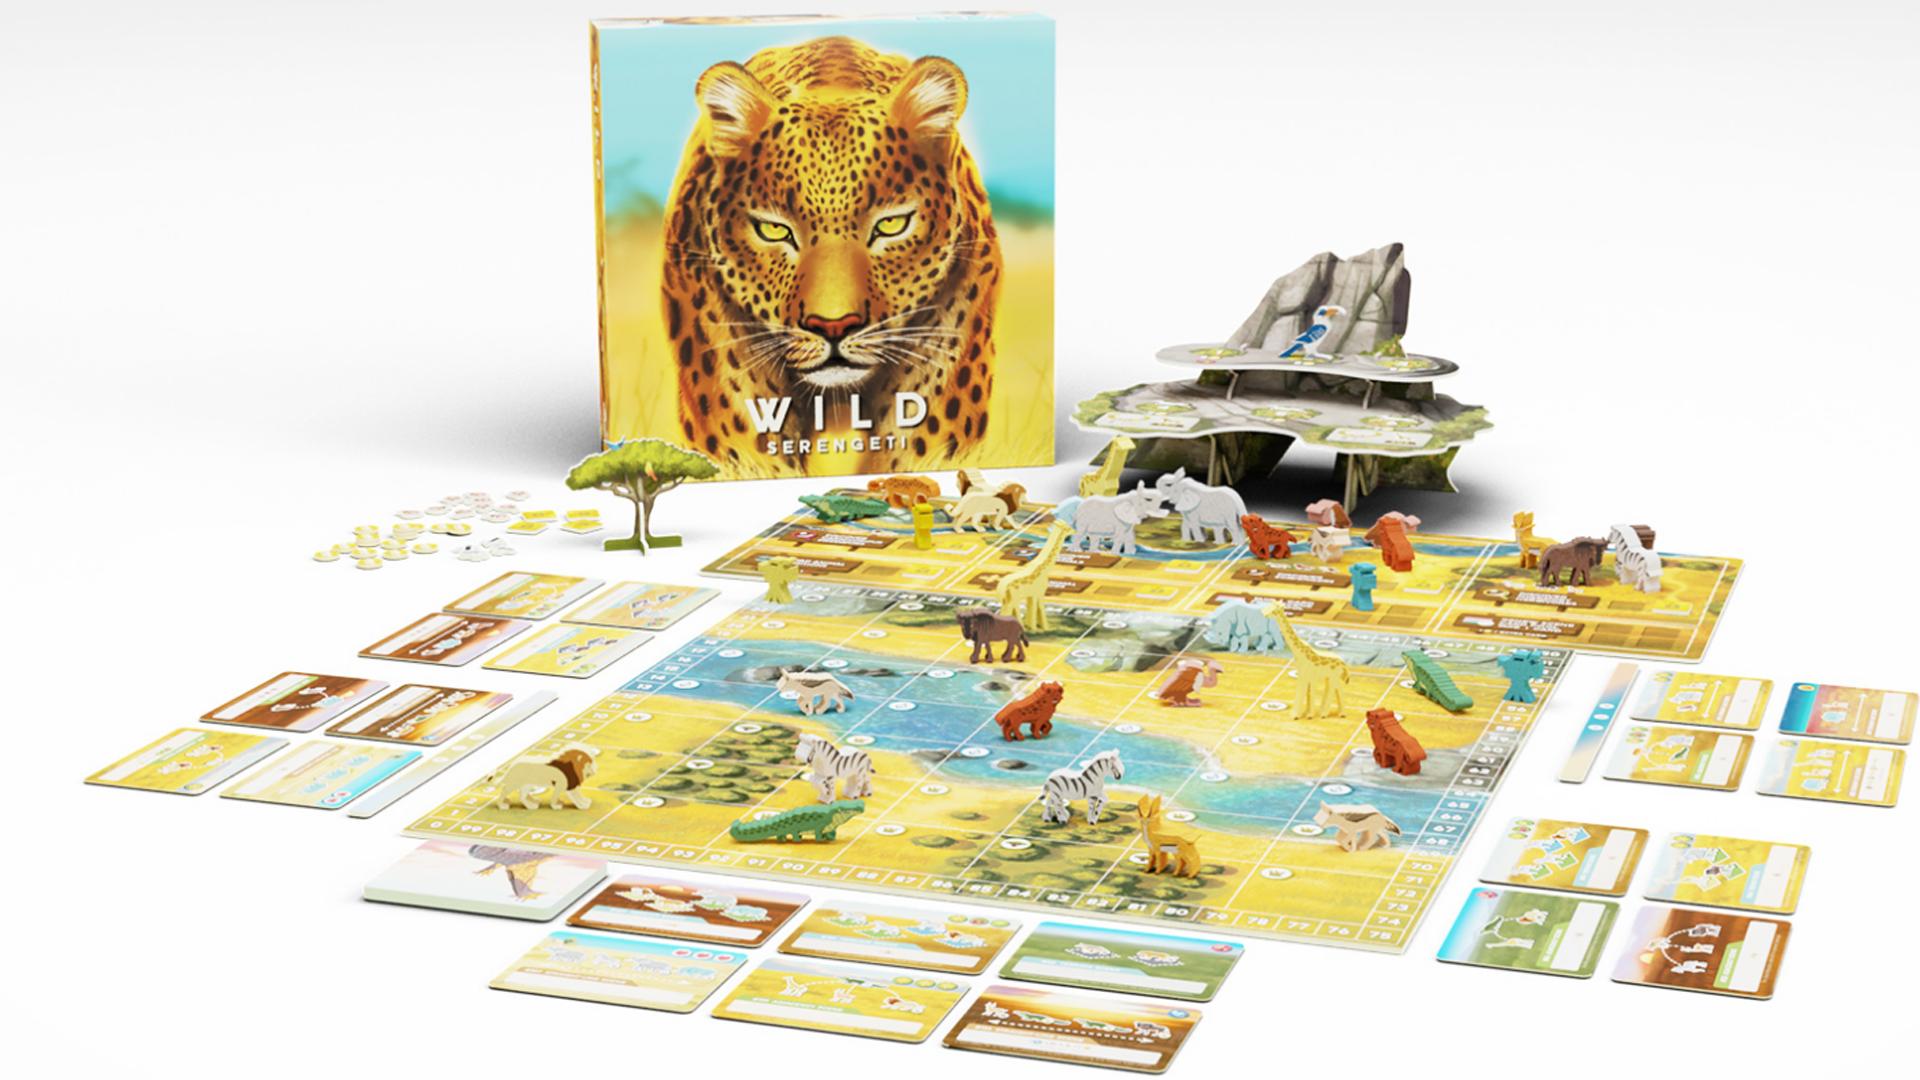 Wild: Serengeti layout